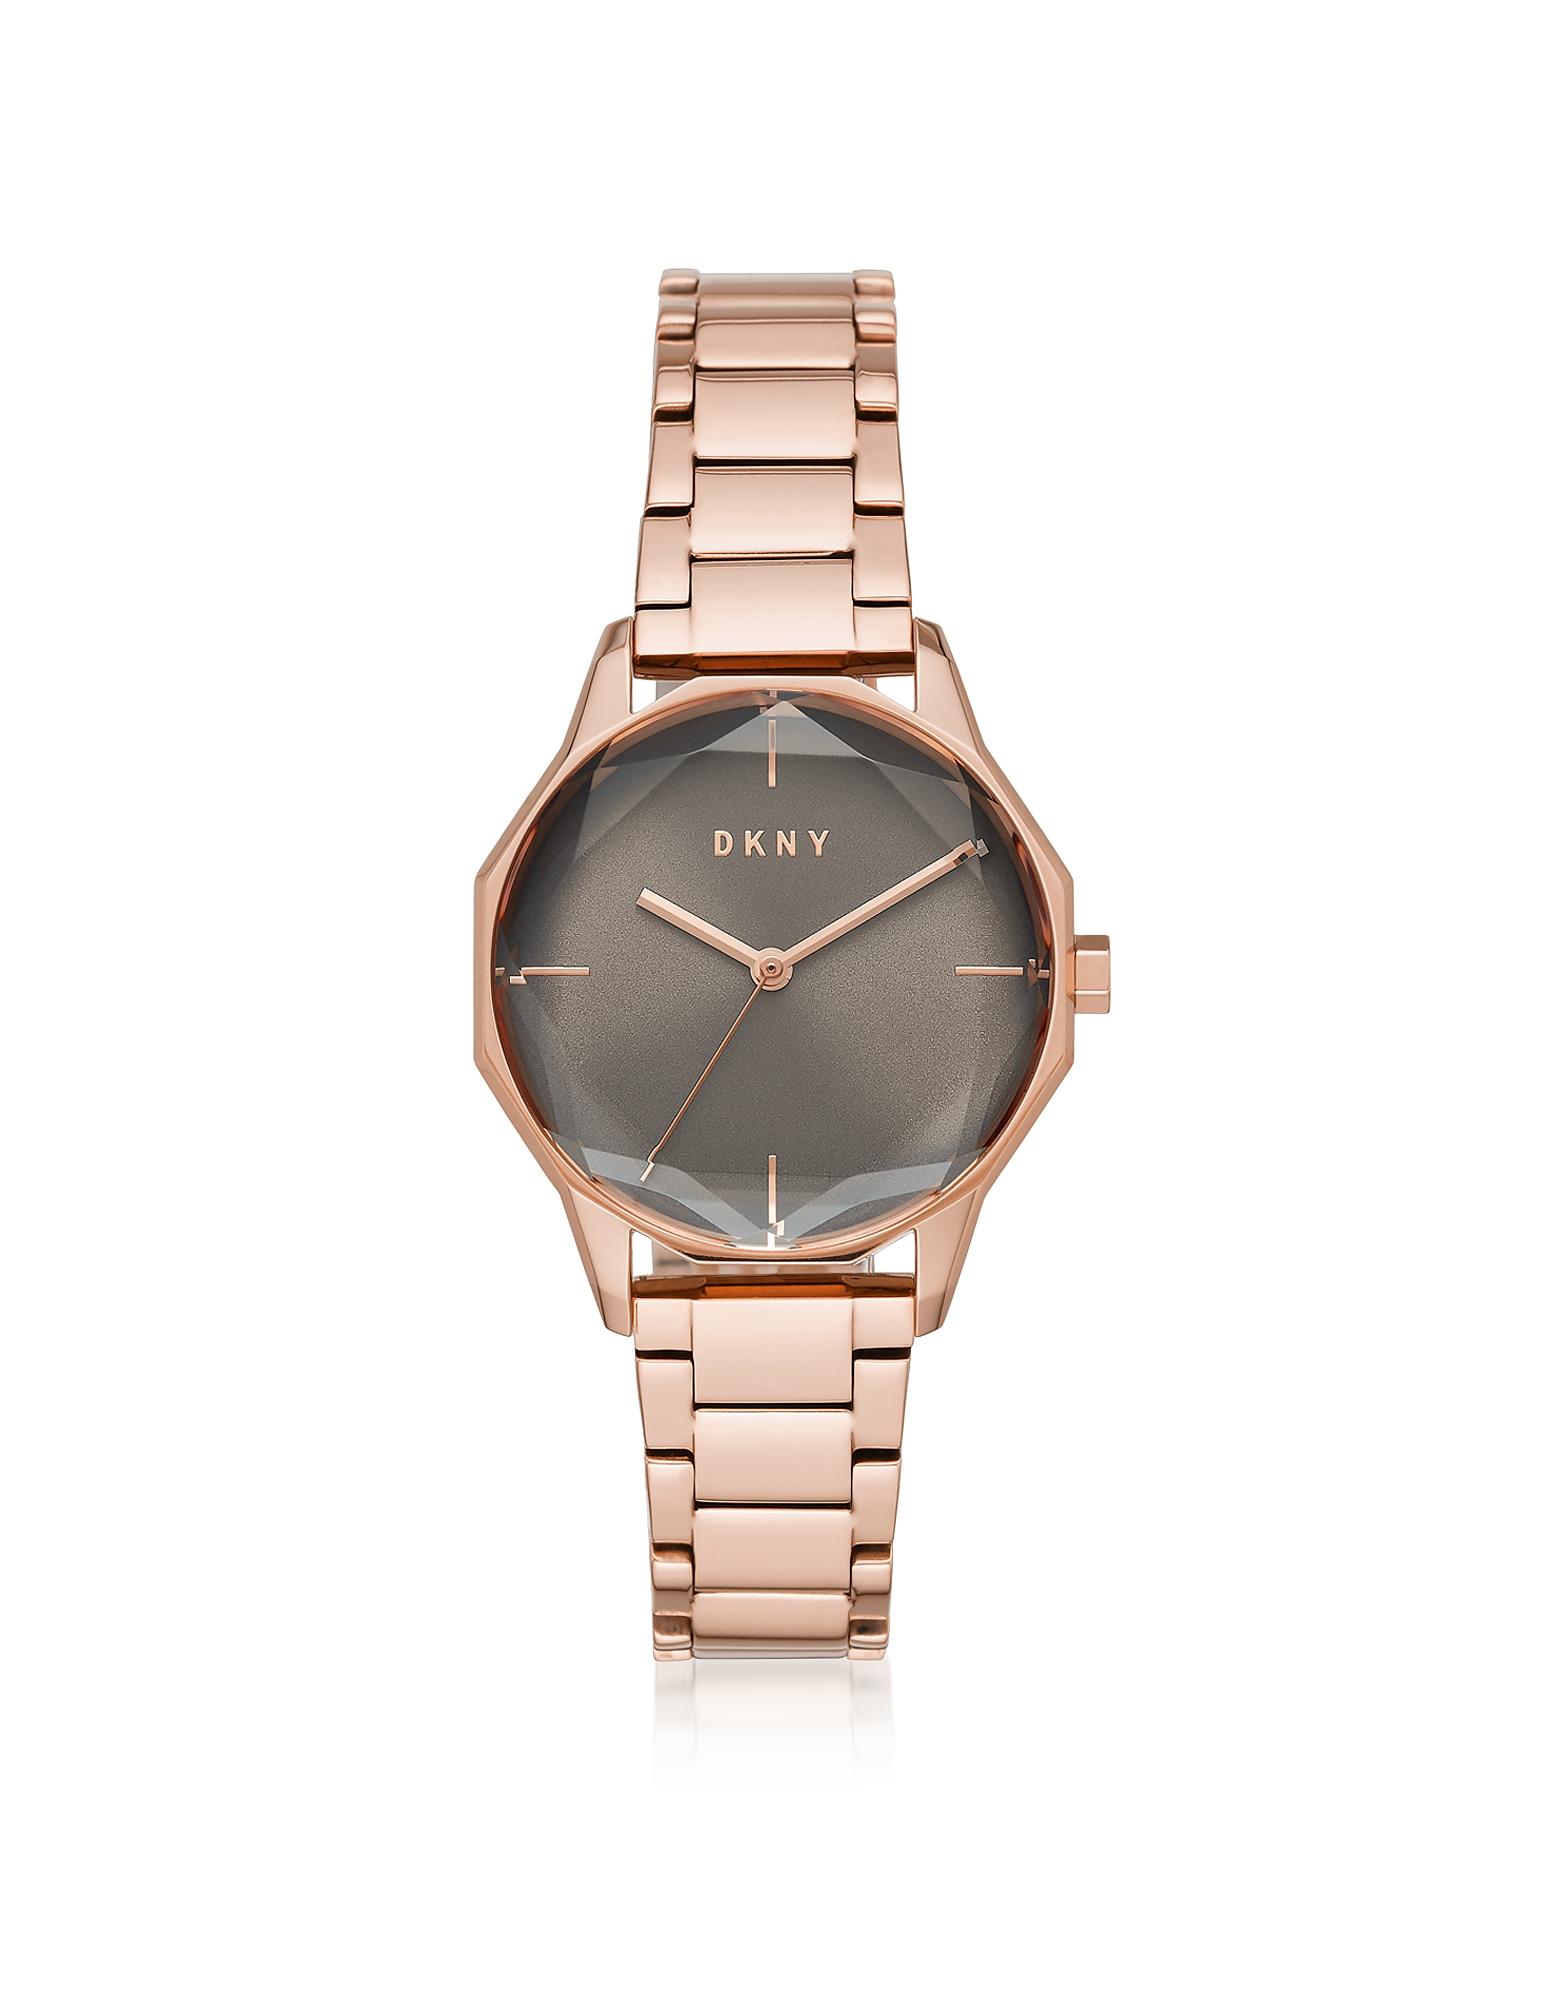 Cityspire - Круглые Часы из Нержавеющей Стали Оттенка Розового Золота DKNY